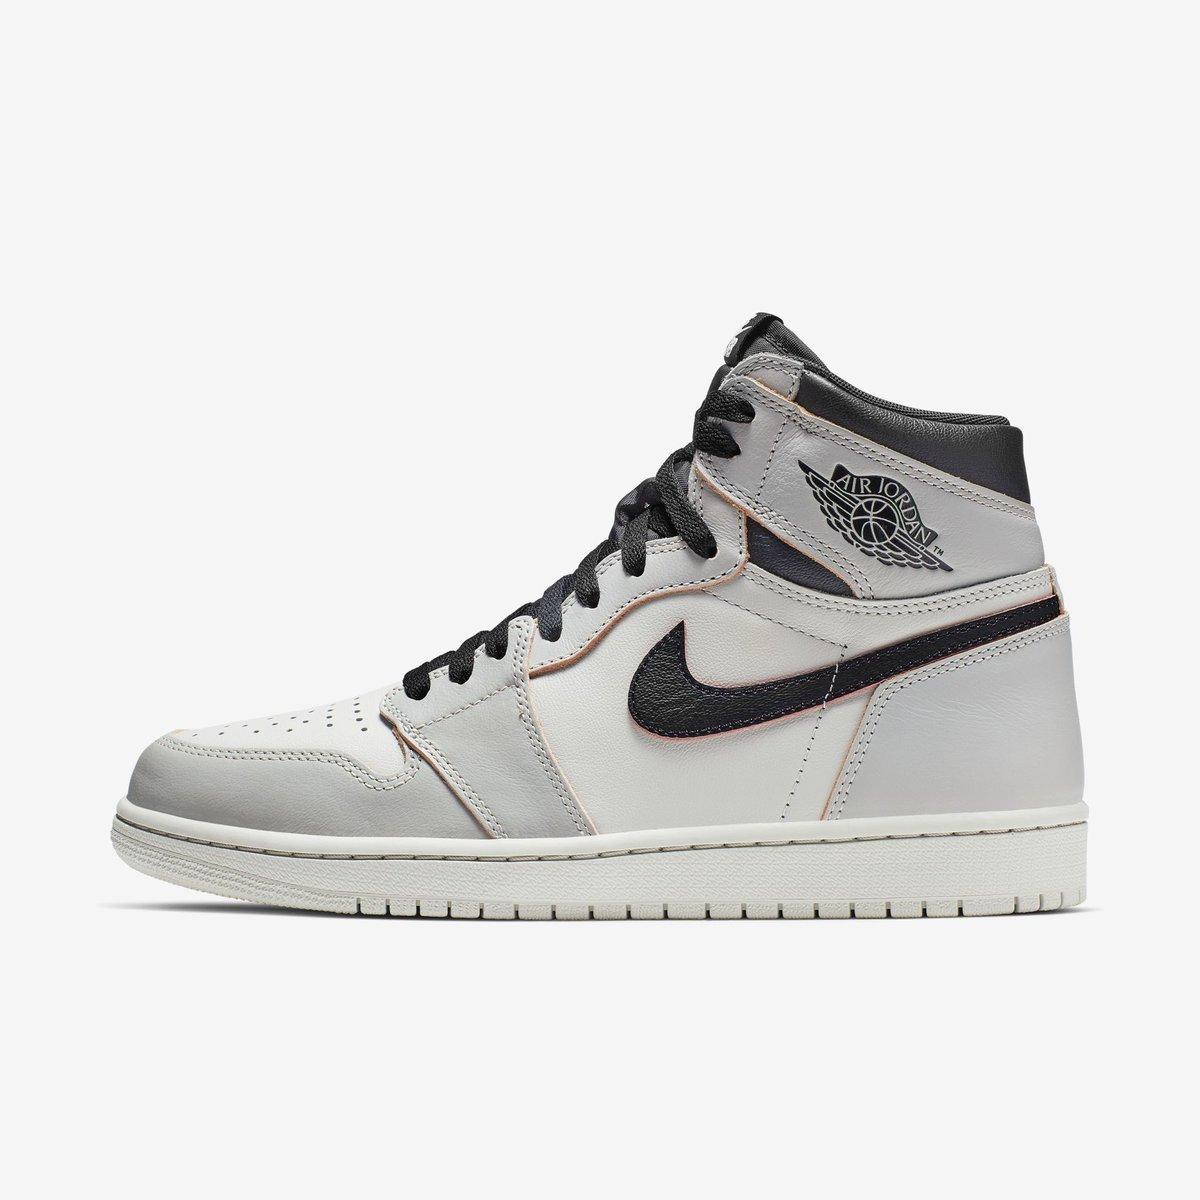 wholesale dealer a011d b2584 ... Shoe Palace -> https://go.j23app.com/c63 Jimmy Jazz ->  https://go.j23app.com/c64 Shop Nice Kicks -> https://go.j23app.com/c65  pic.twitter.com/JqG6uTzoIG